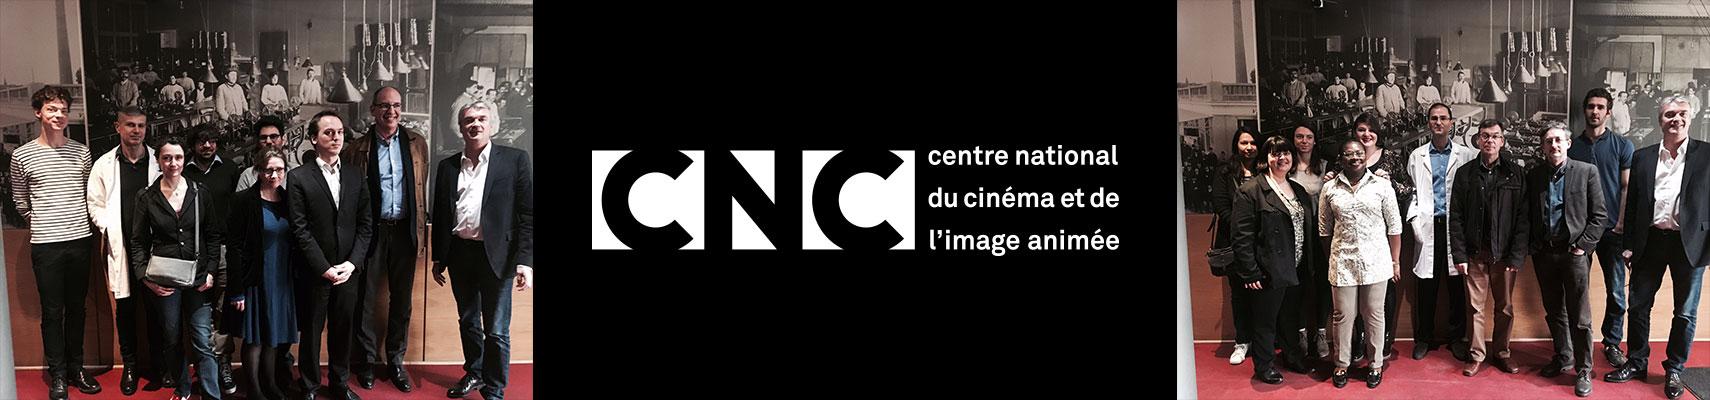 actu_cnc